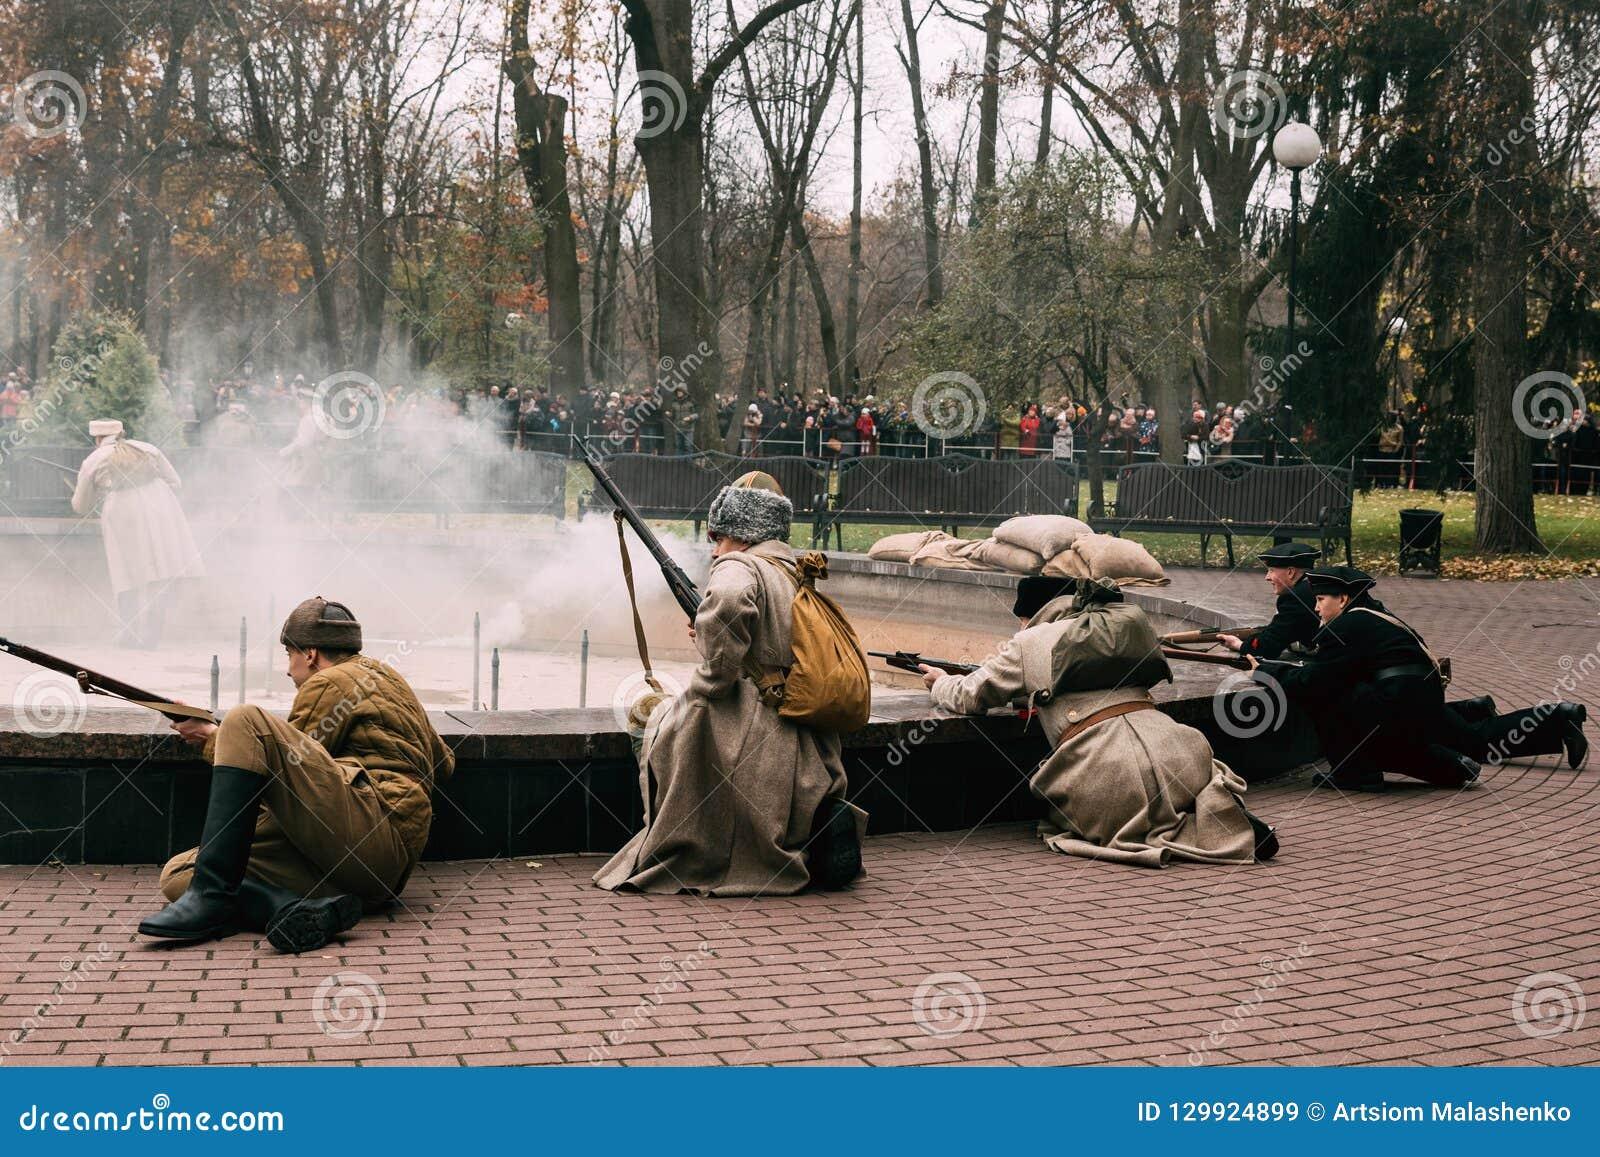 Les révolutionnaires commencent une attaque contre les gardes blanches Belaru